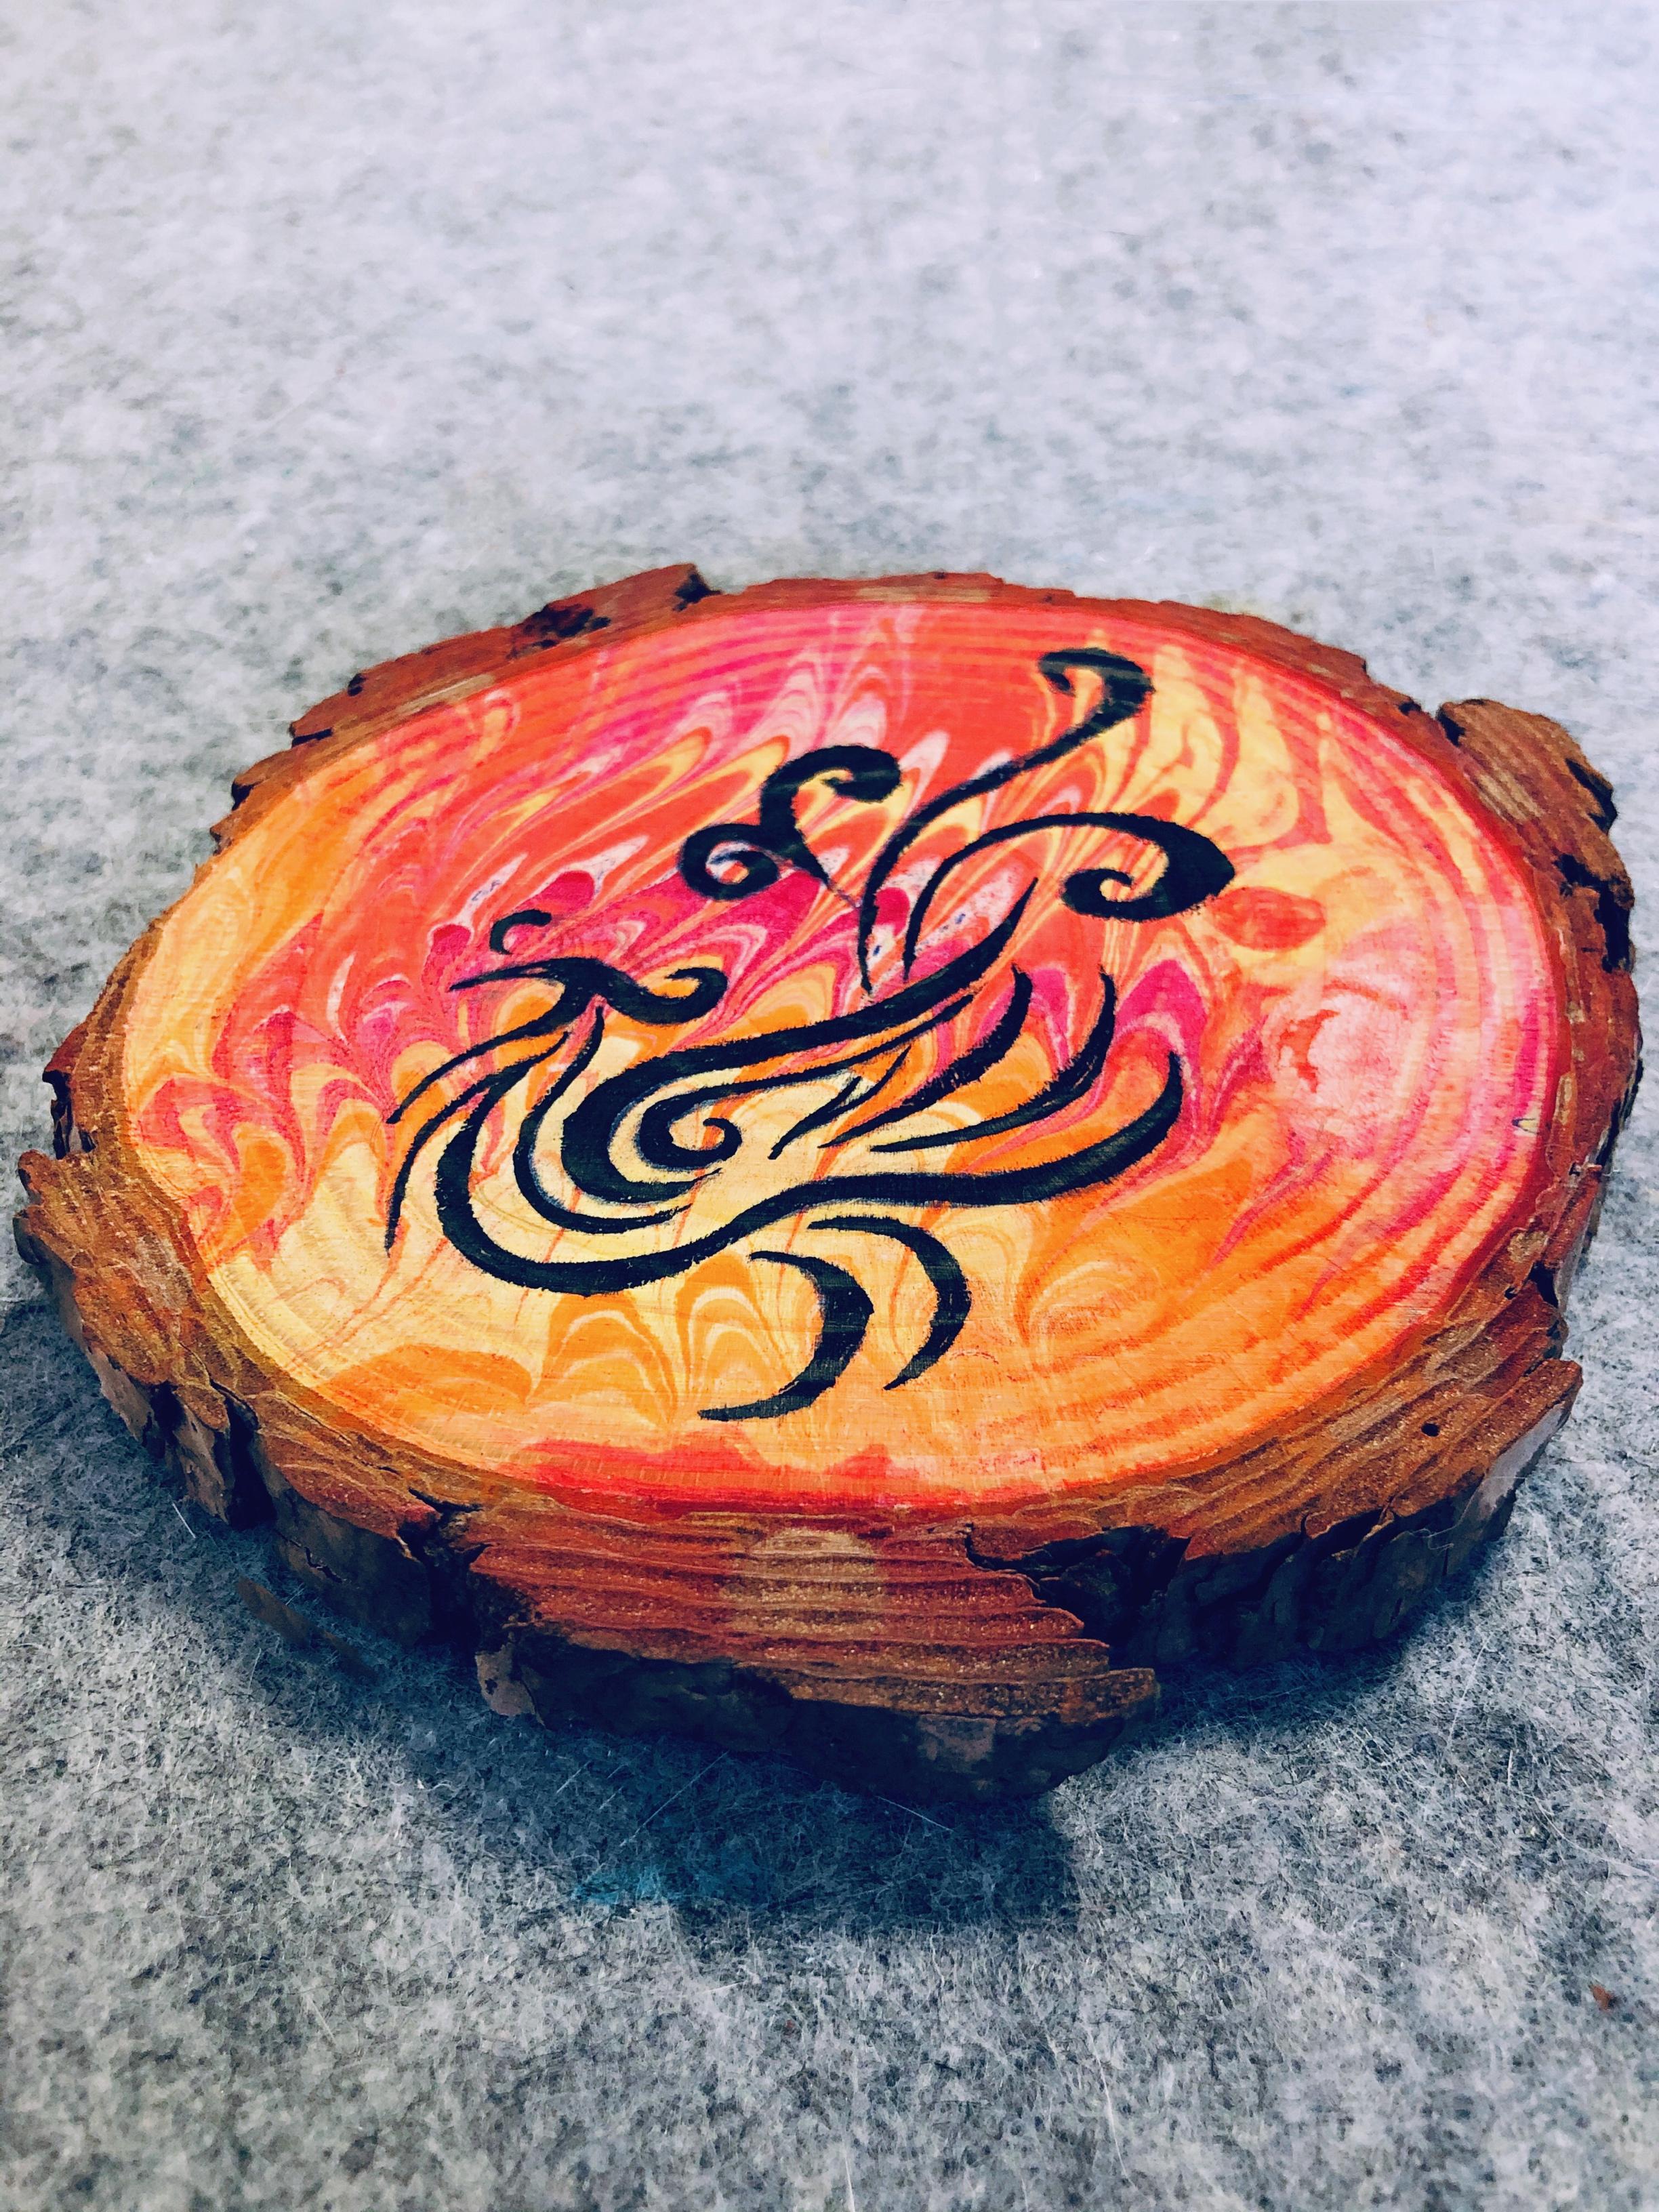 原创水纹画作品【凤凰】,灵感来自古建瓦当。